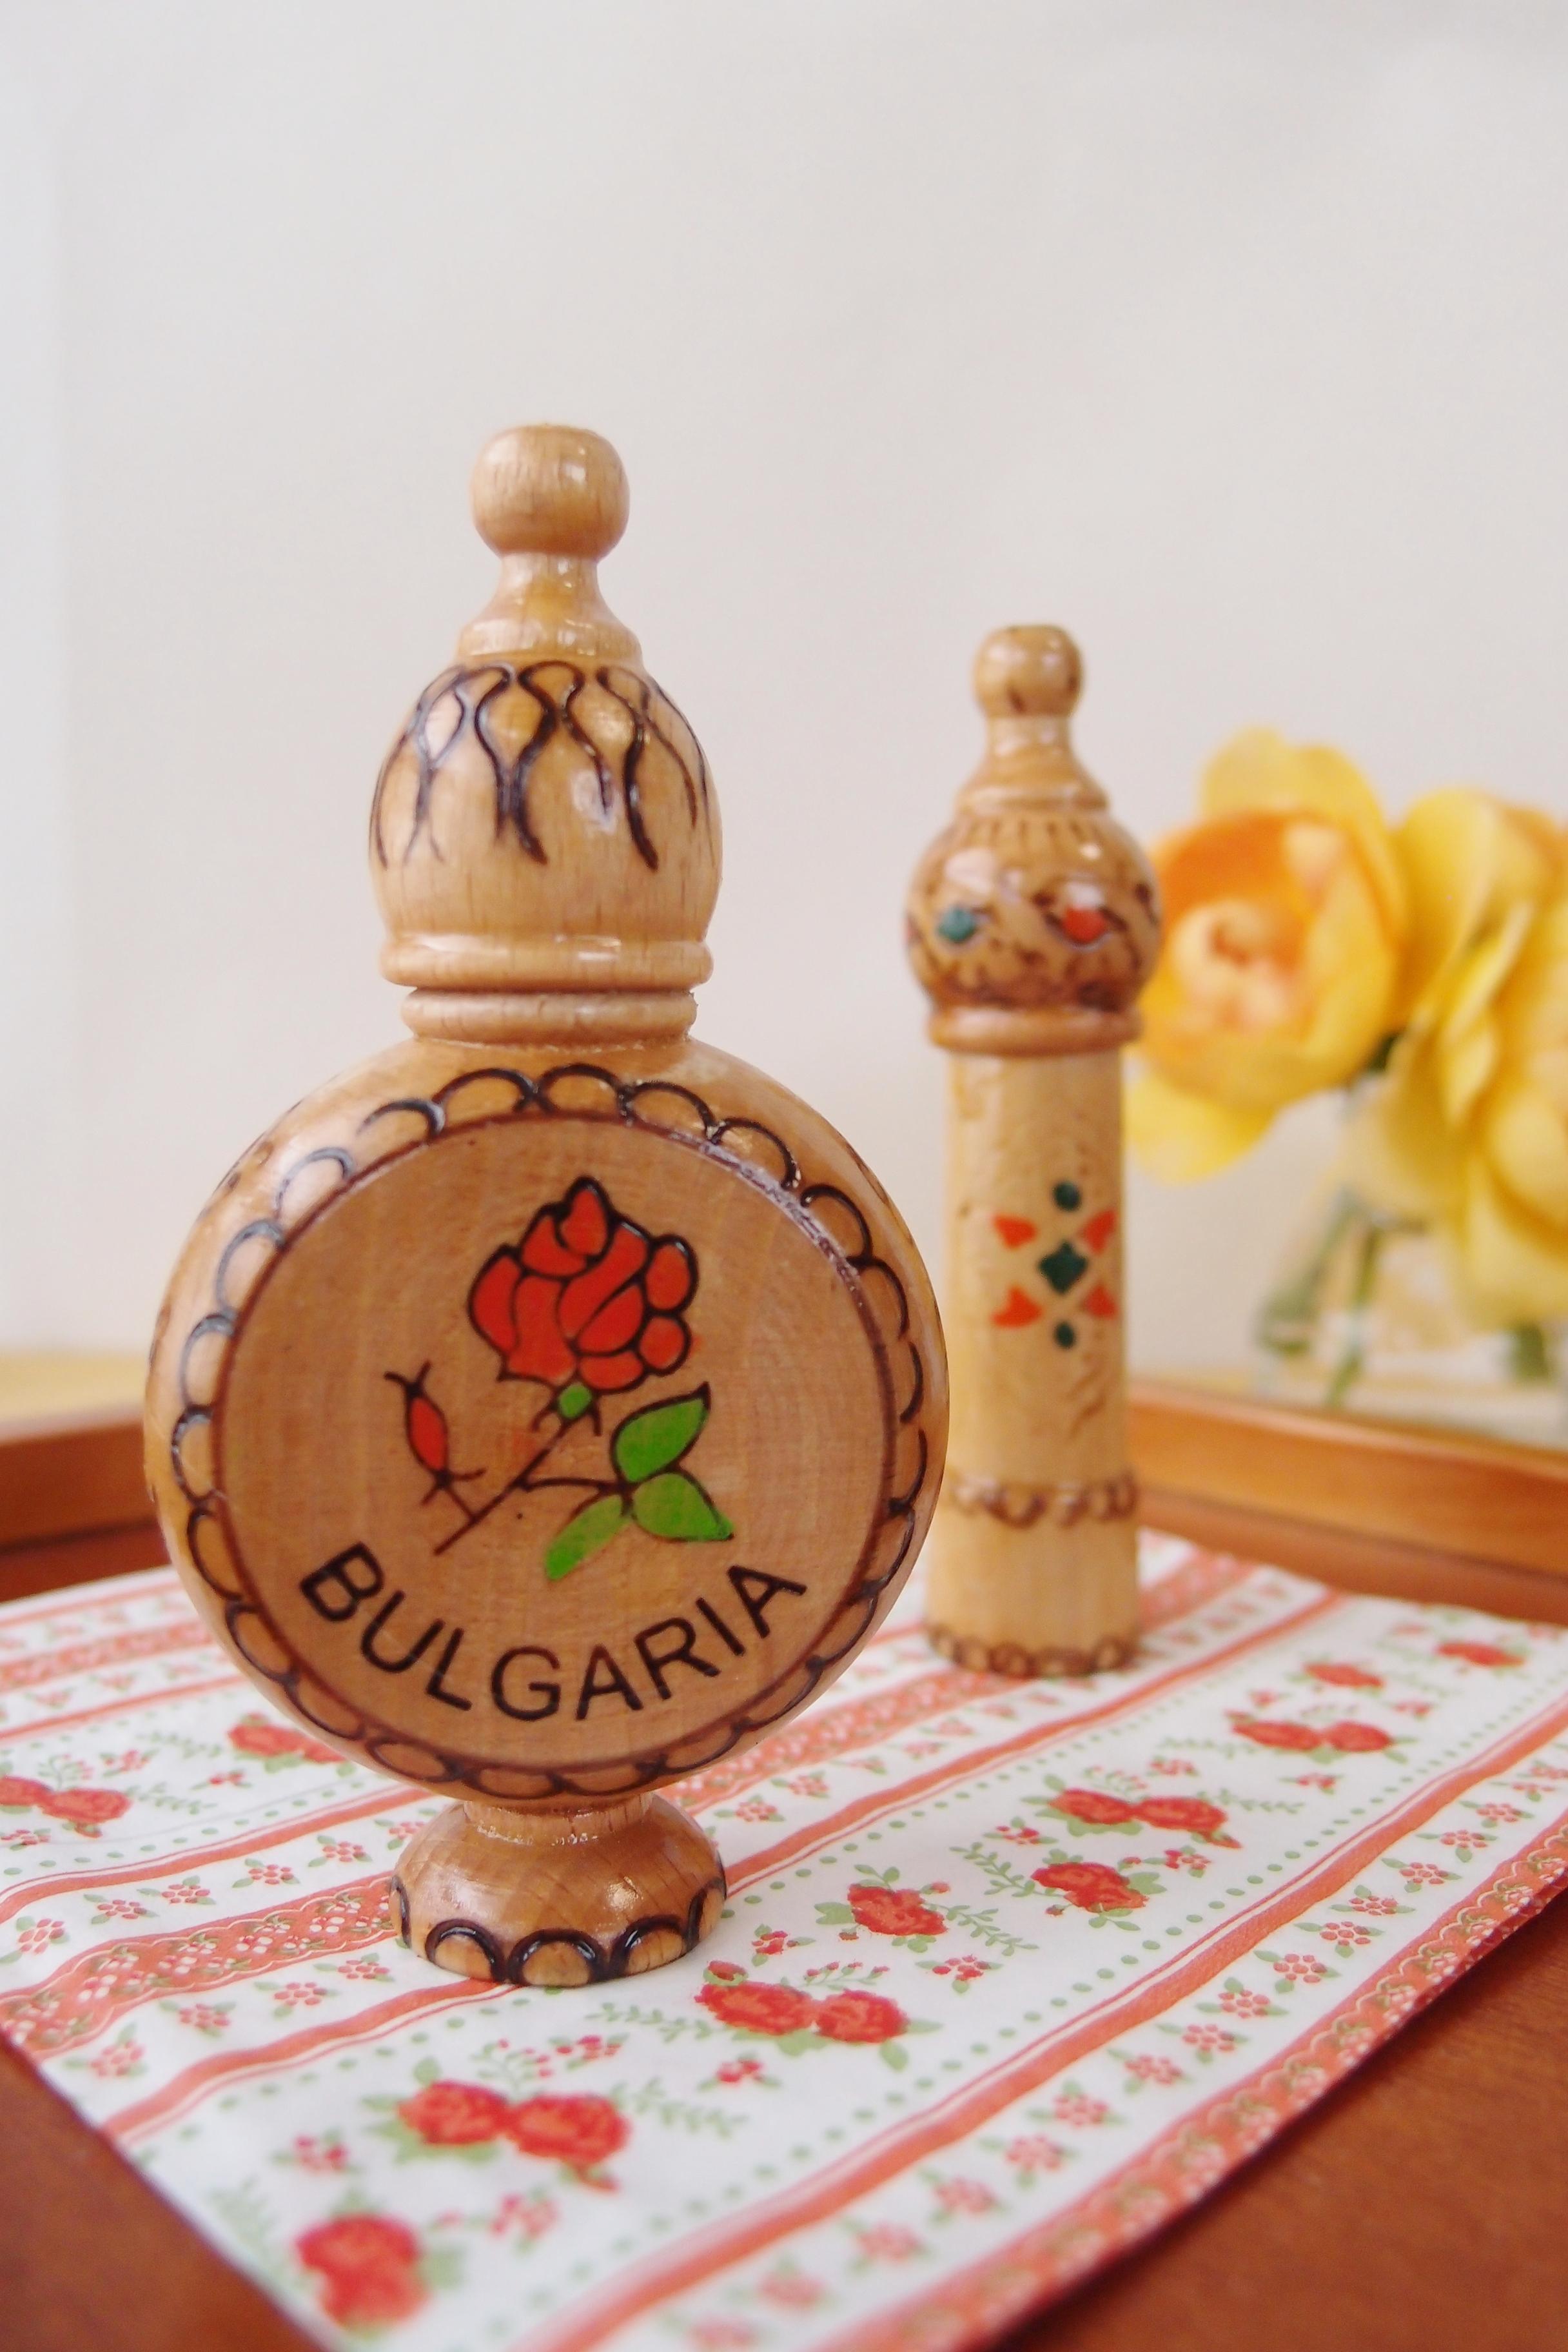 ブルガリアの工芸品ーバラのオイル2種類